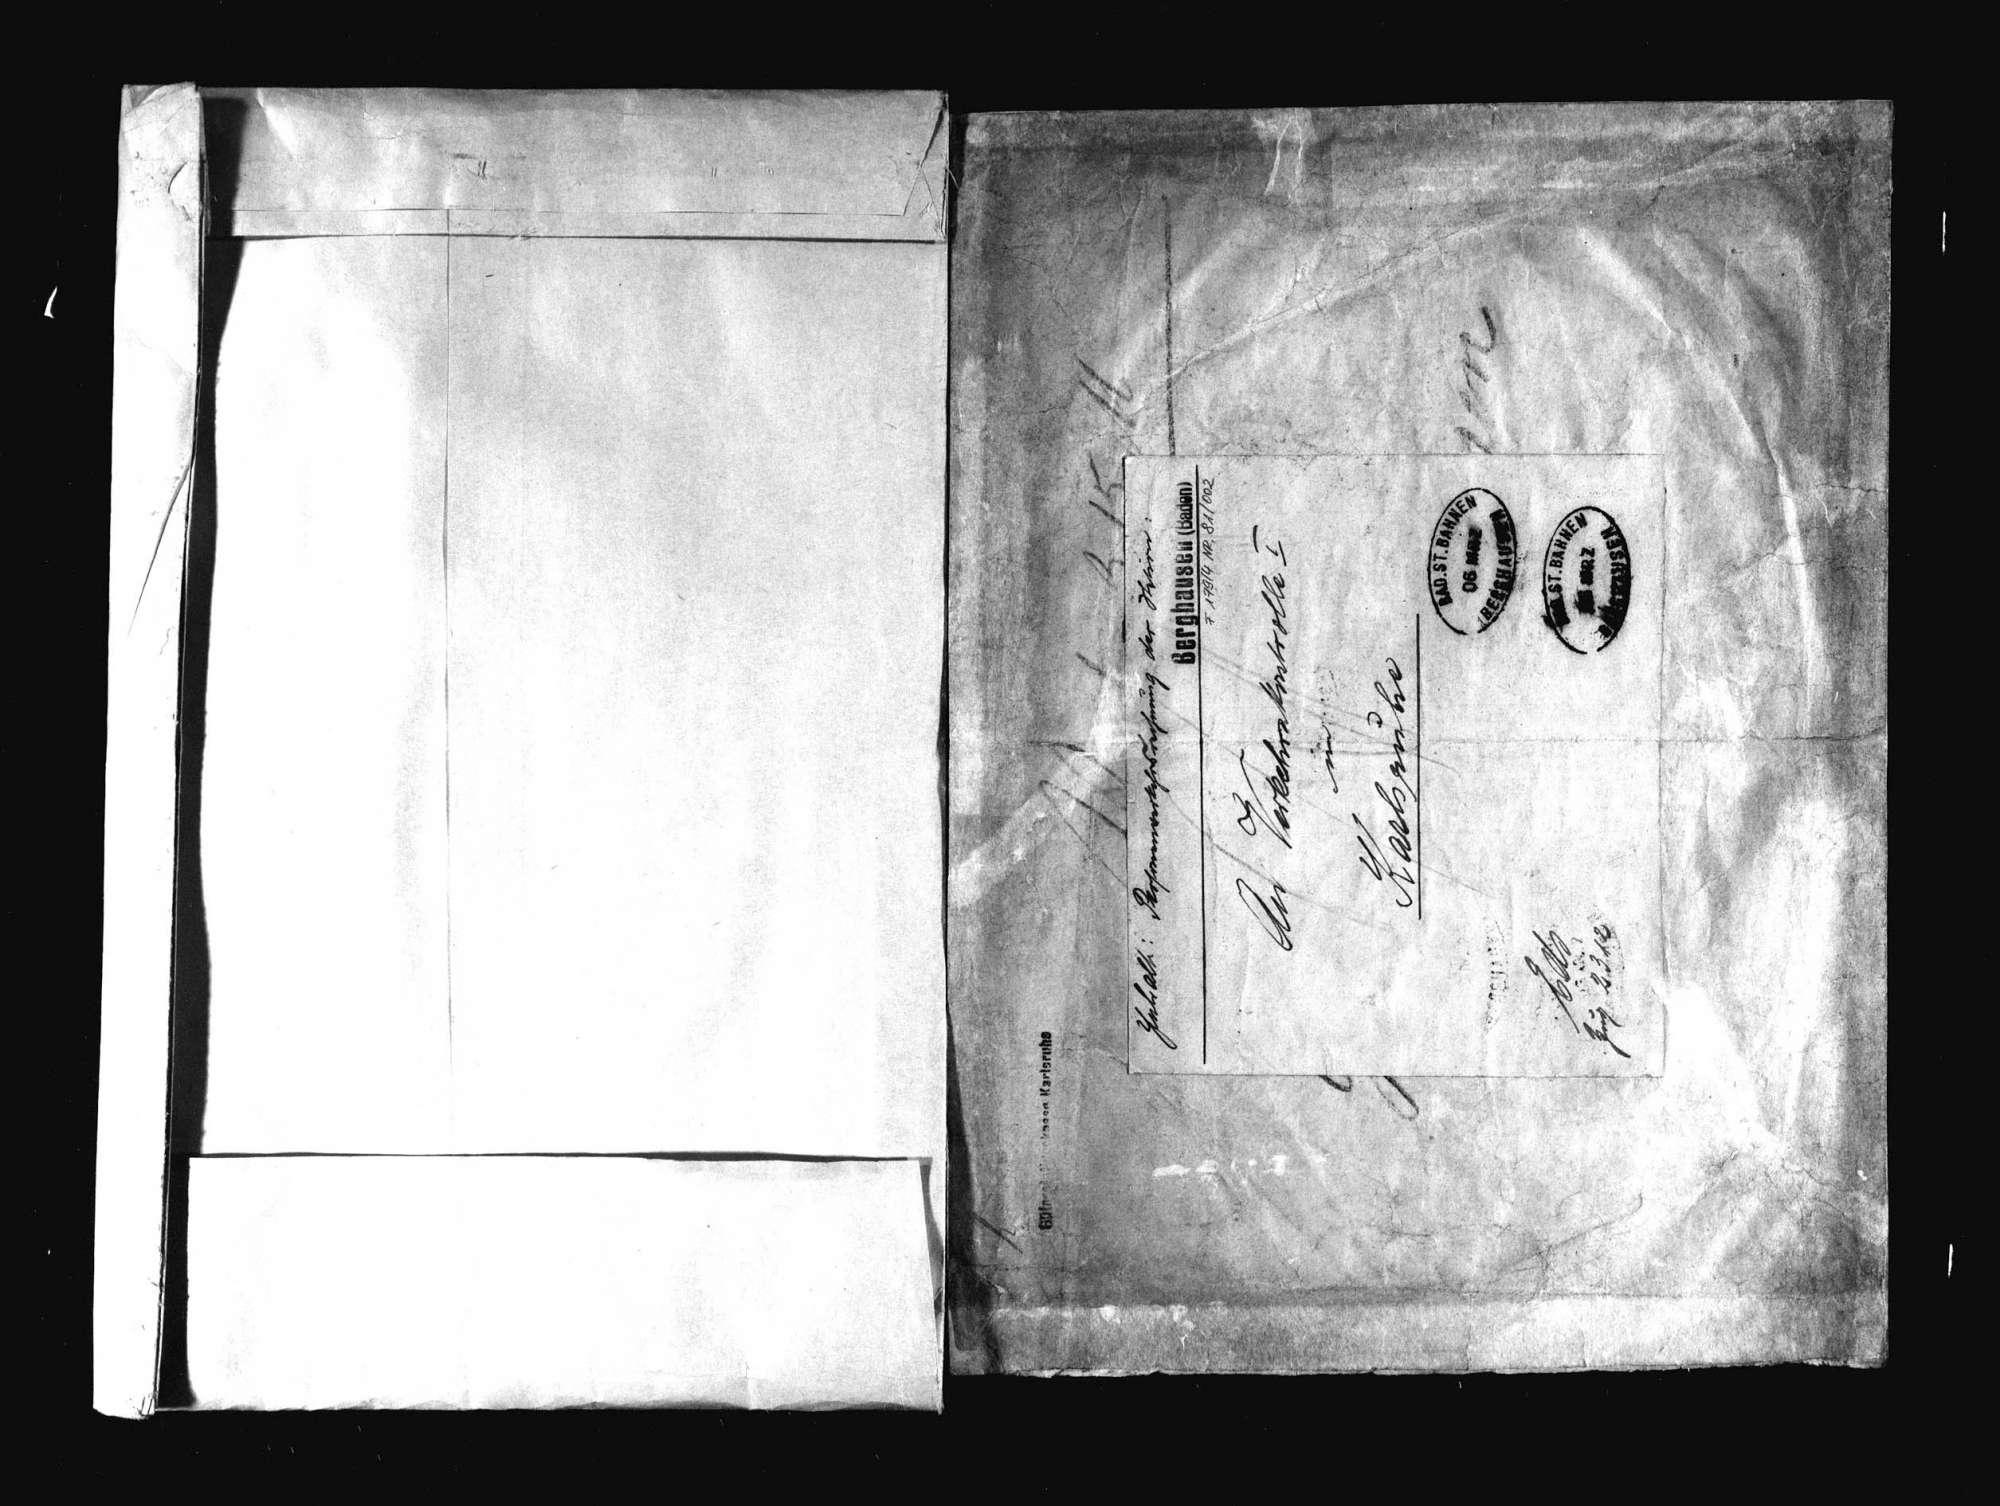 Sammlung von Gepäckaufbewahrungsscheinen der Bahnstation Appenweier, Bild 2